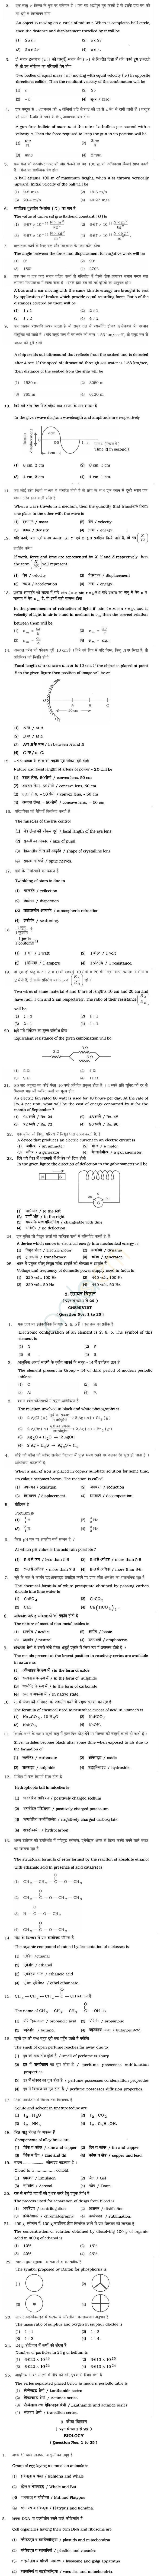 STSE 2013 Question Paper